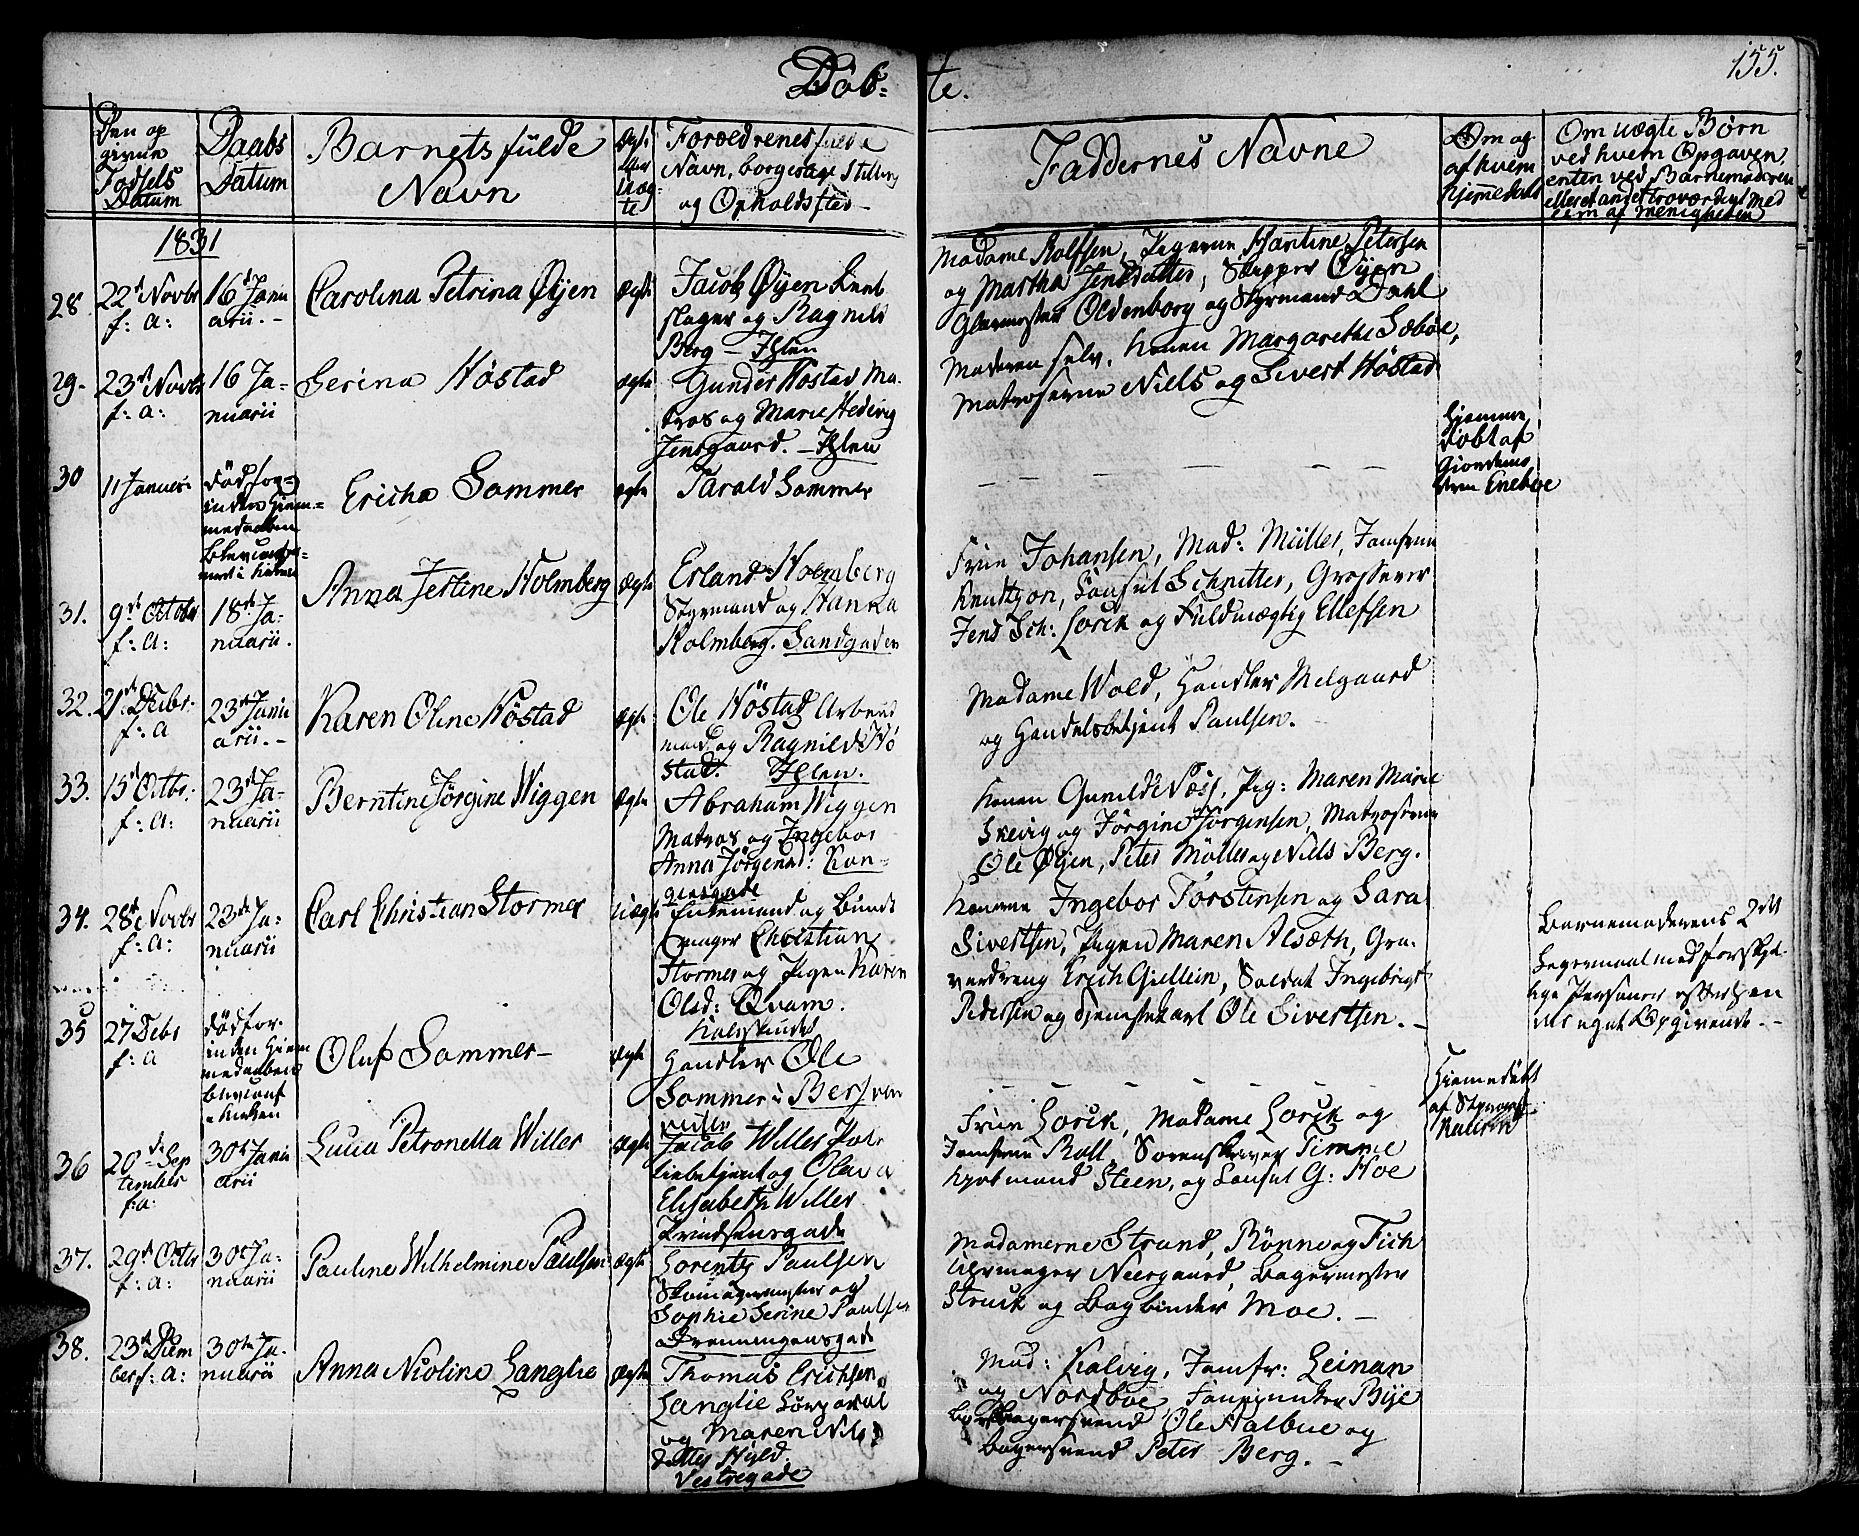 SAT, Ministerialprotokoller, klokkerbøker og fødselsregistre - Sør-Trøndelag, 601/L0045: Ministerialbok nr. 601A13, 1821-1831, s. 155